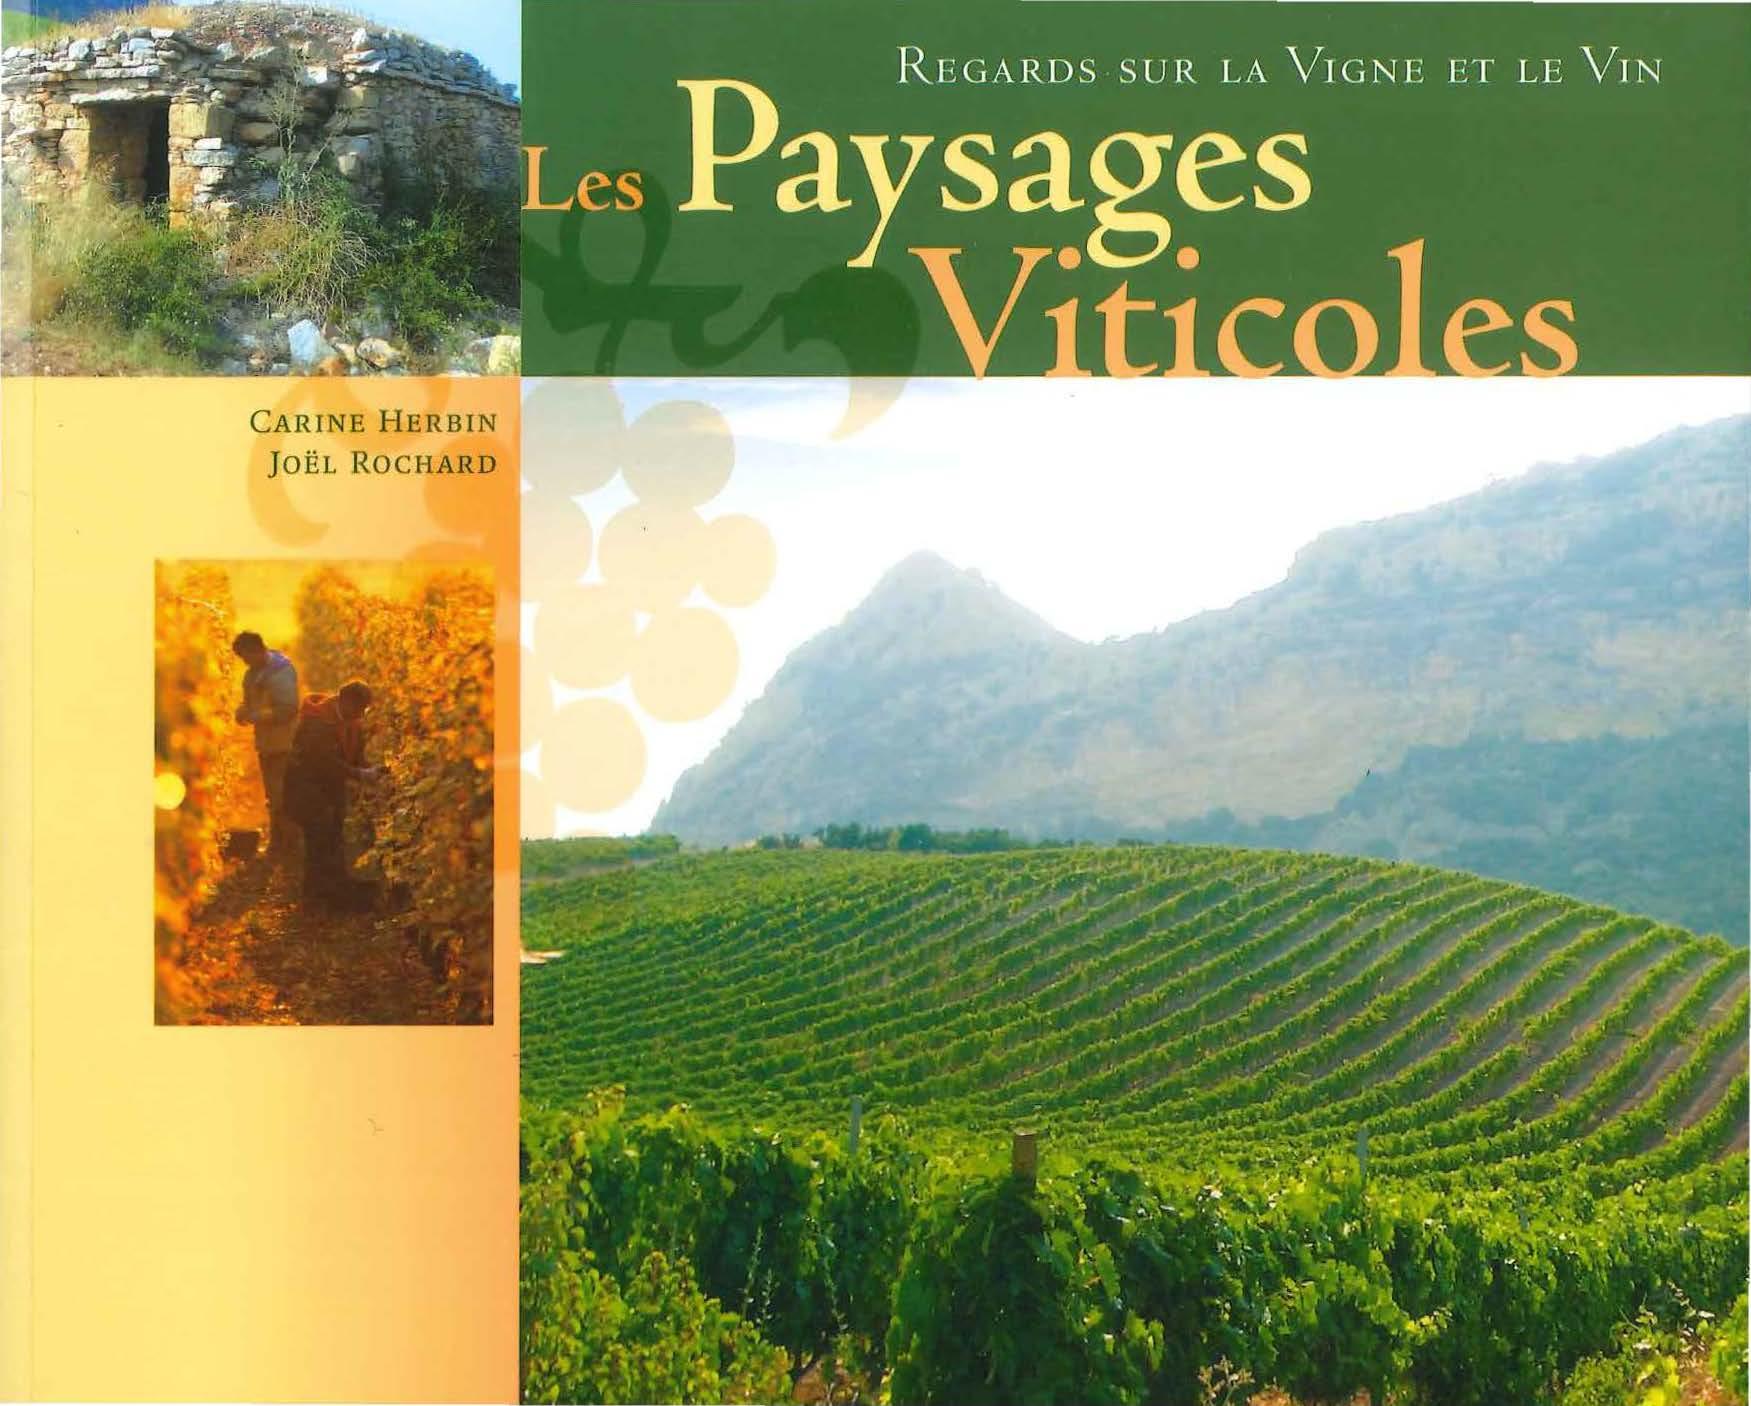 Les paysages viticoles